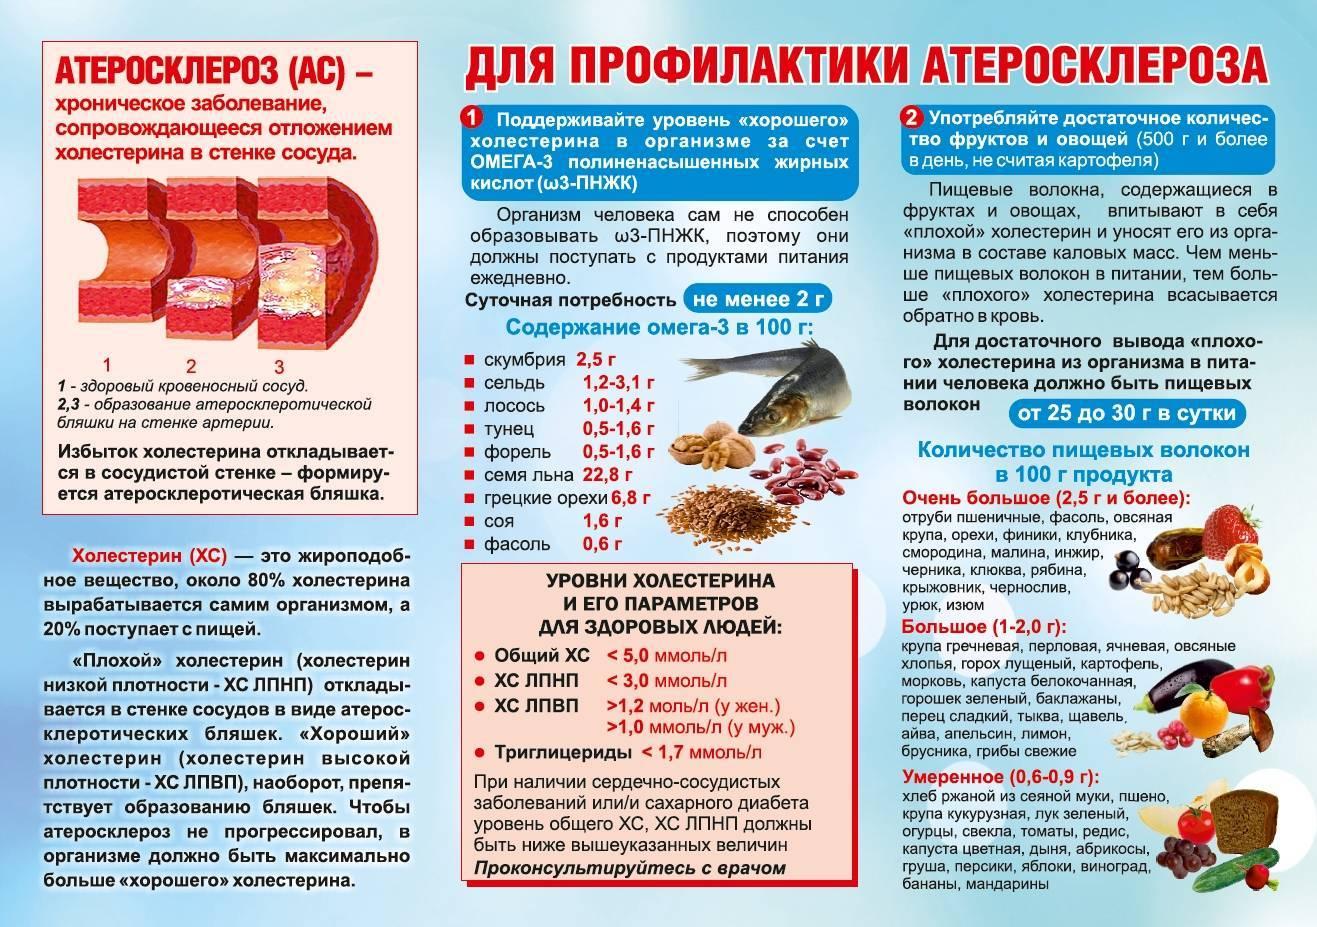 ᐉ кормление кошек при запоре: рацион, натуральные продукты, сухие корма - zoomozaika.ru